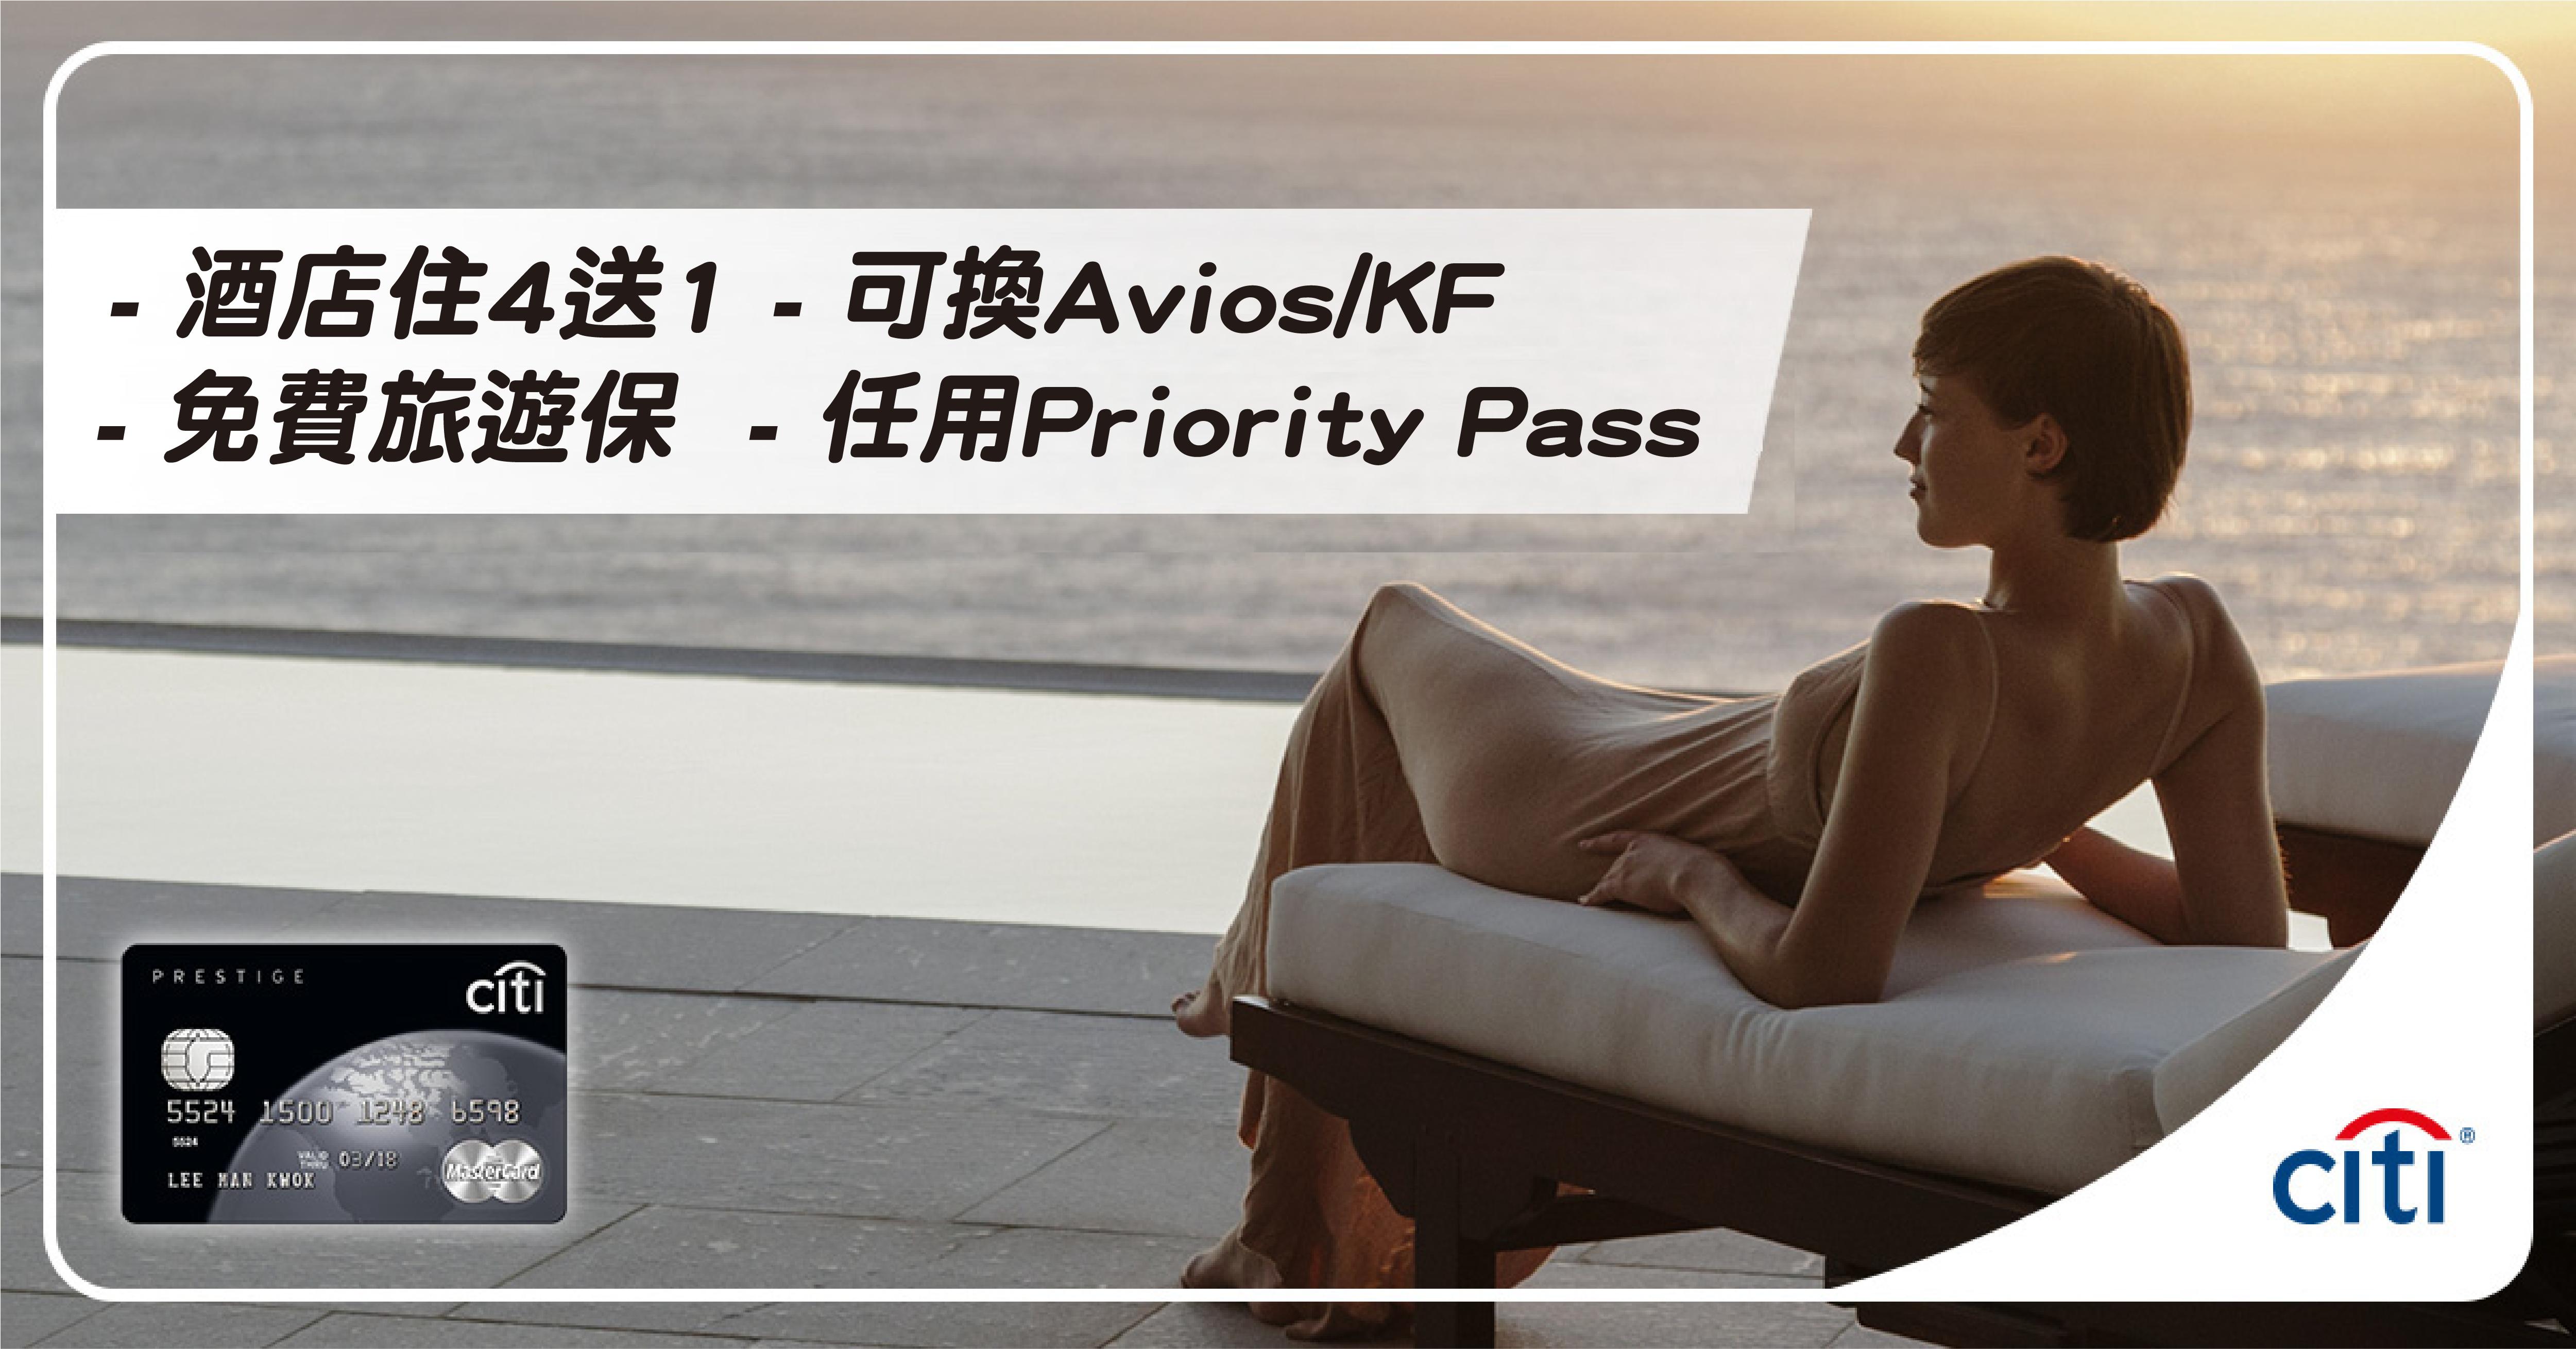 (小斯新客都額外送$100) 全能卡!可換Avios / KF + 任用LoungeKey + 免費旅遊保險 + 酒店住4送1 - Citi Prestige 信用卡